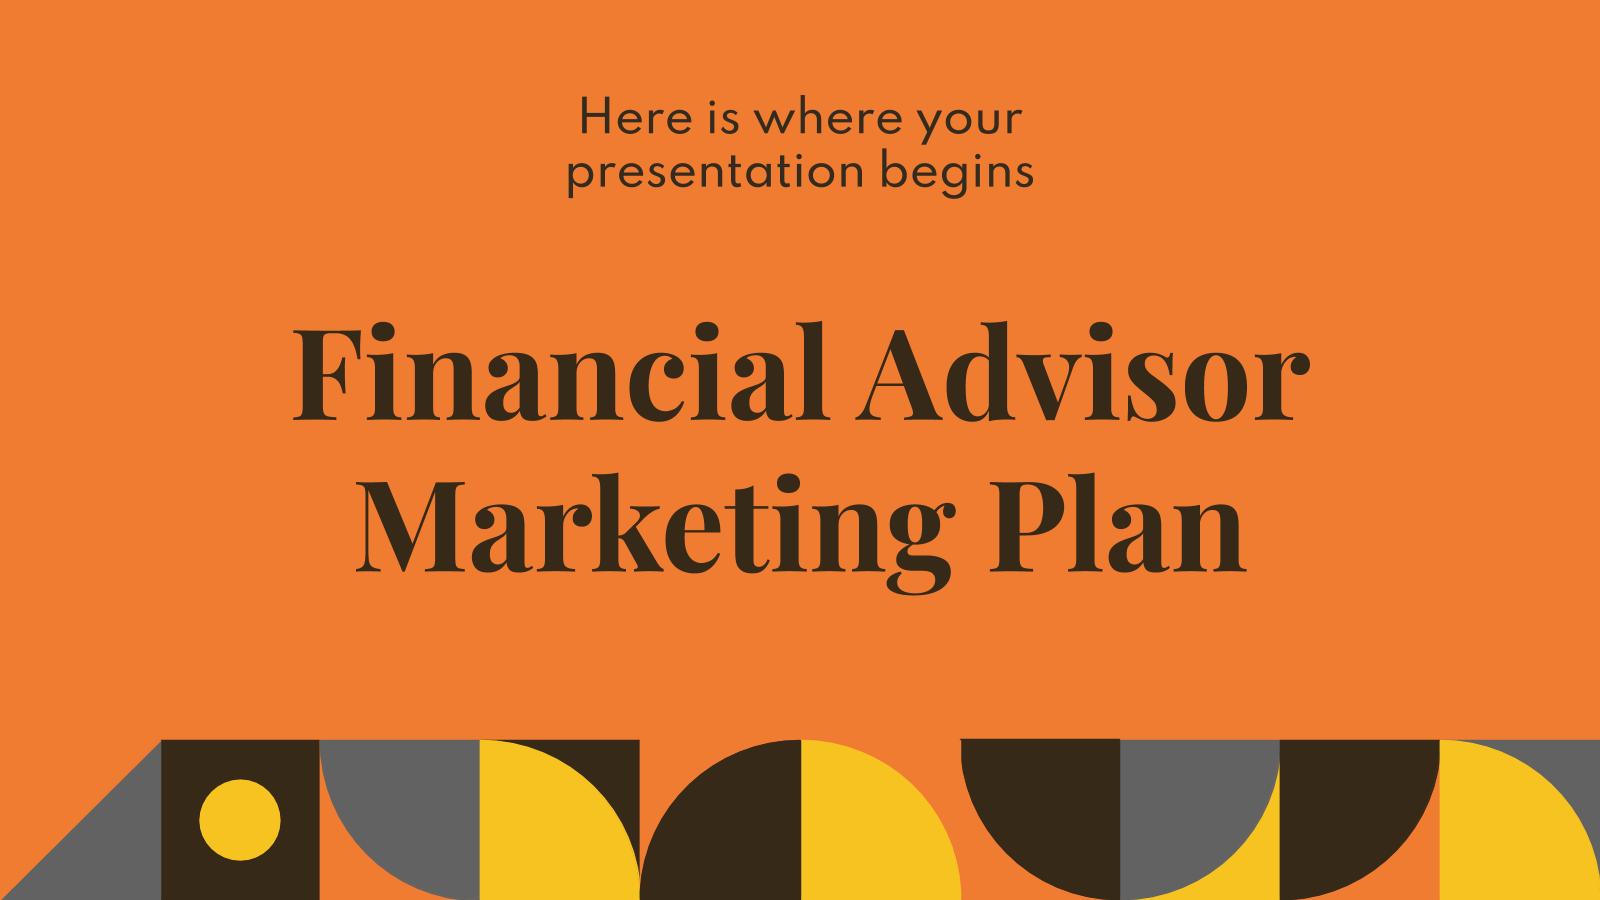 Plantilla de presentación Marketing para asesores financieros